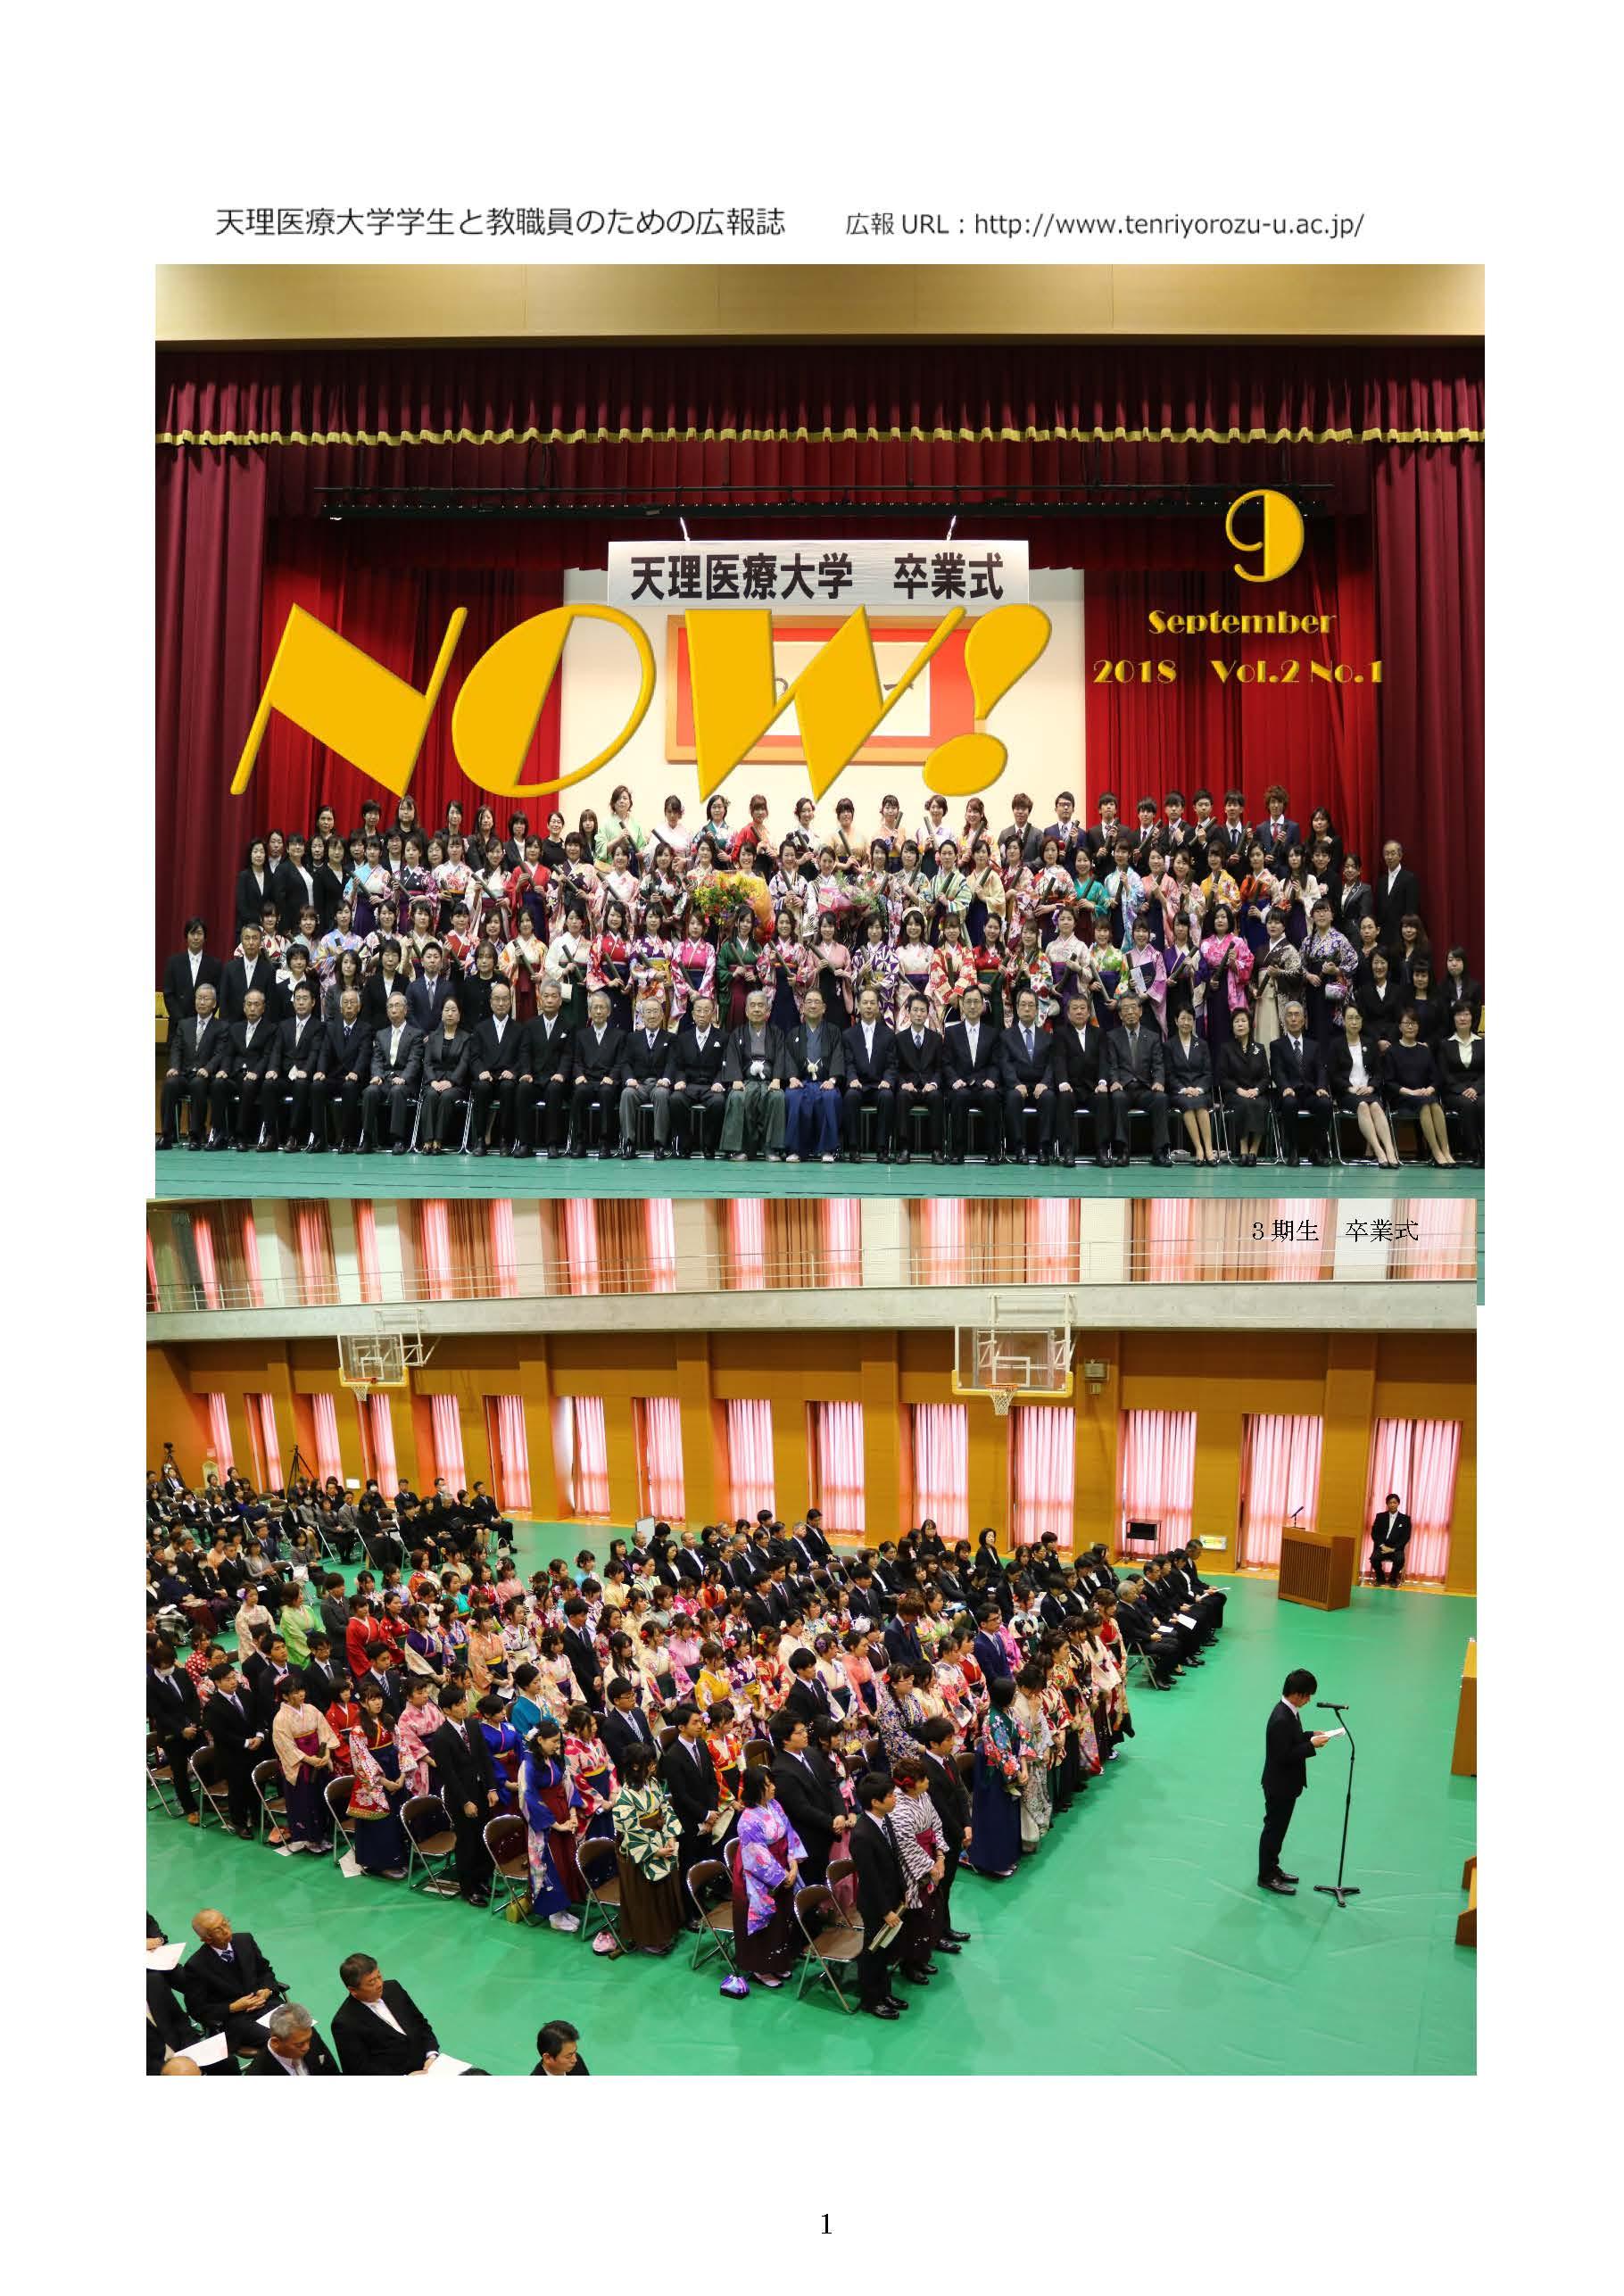 学内向け版 天理医療大学「広報誌」NOW!Vol.2 No.1が発刊されました